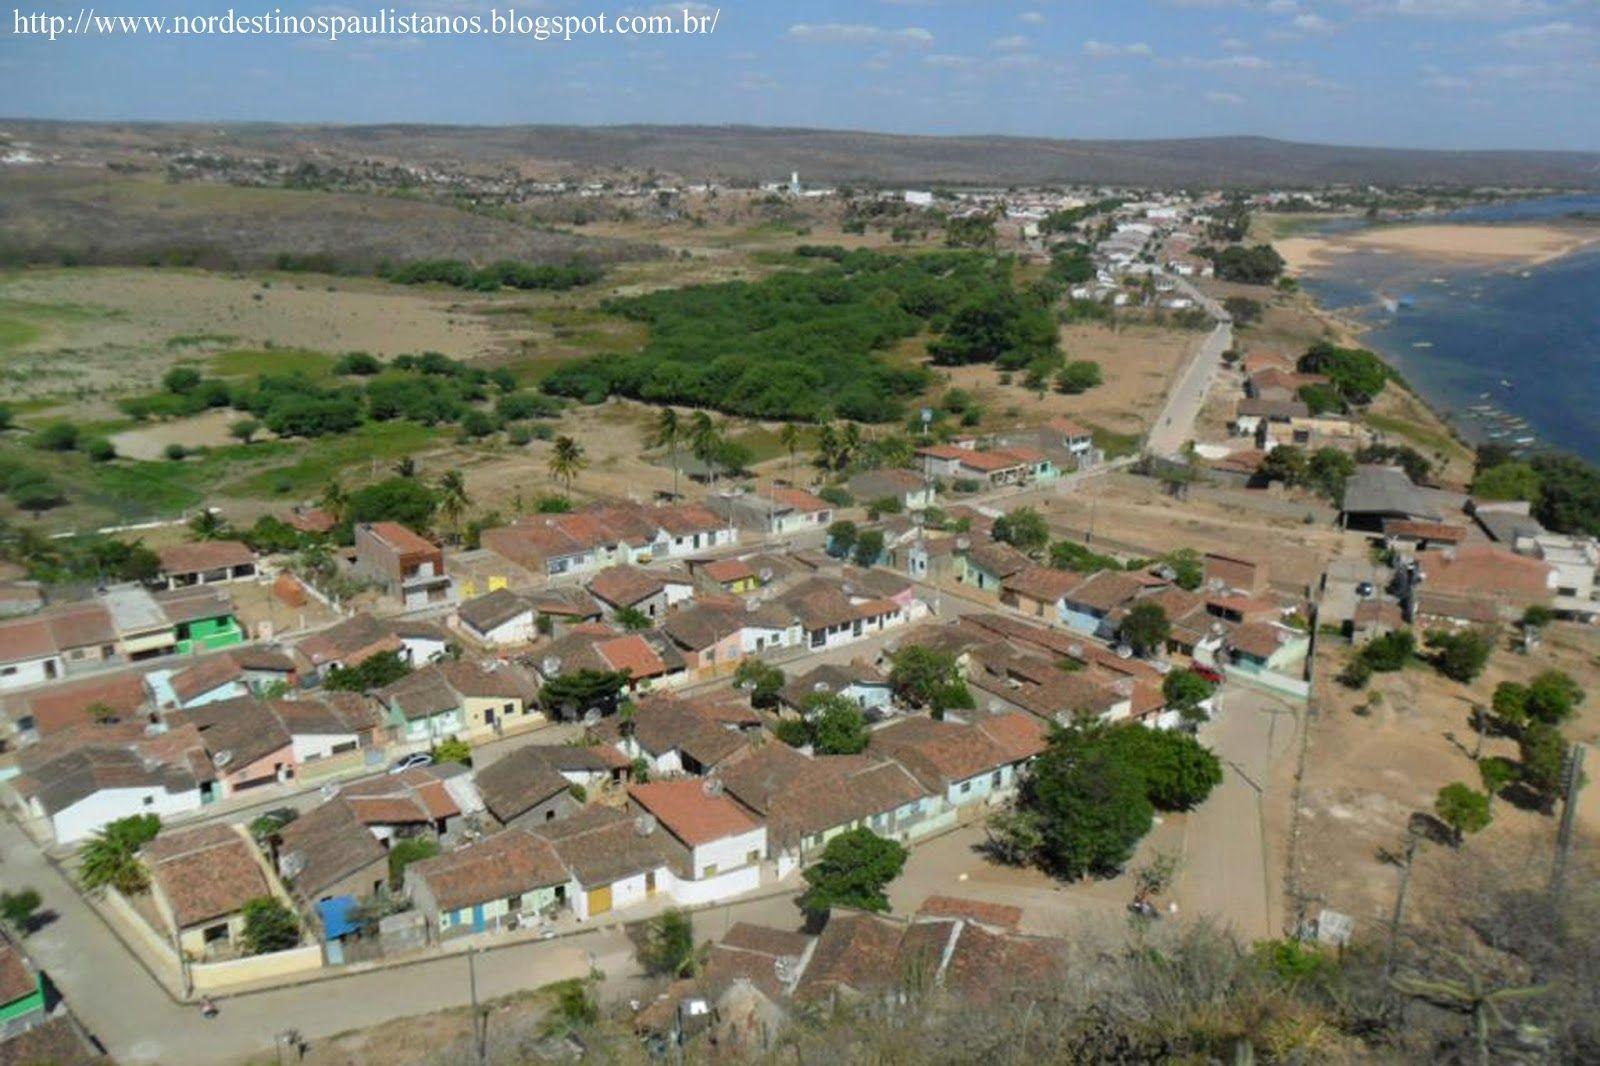 Pao De Acucar E Um Municipio No Sul Do Sertao Alagoano Faz Divisa